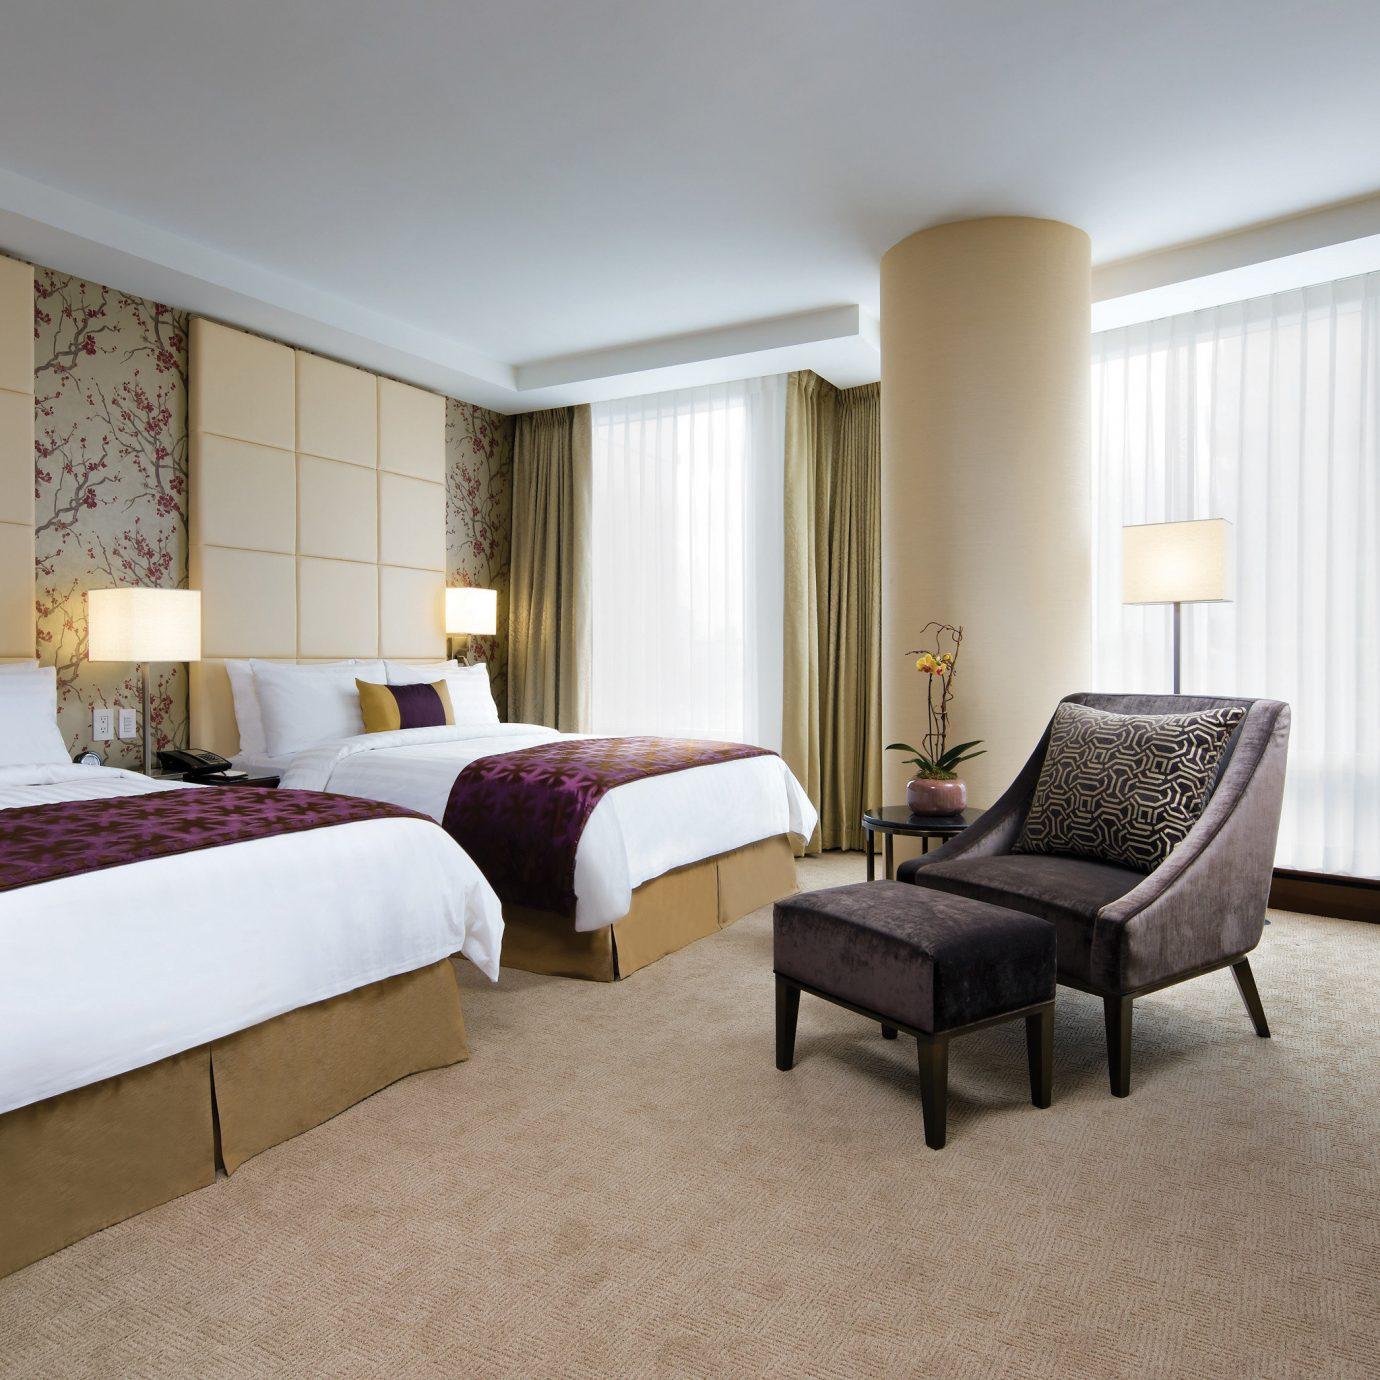 Bedroom Classic Luxury property desk Suite condominium living room cottage Villa